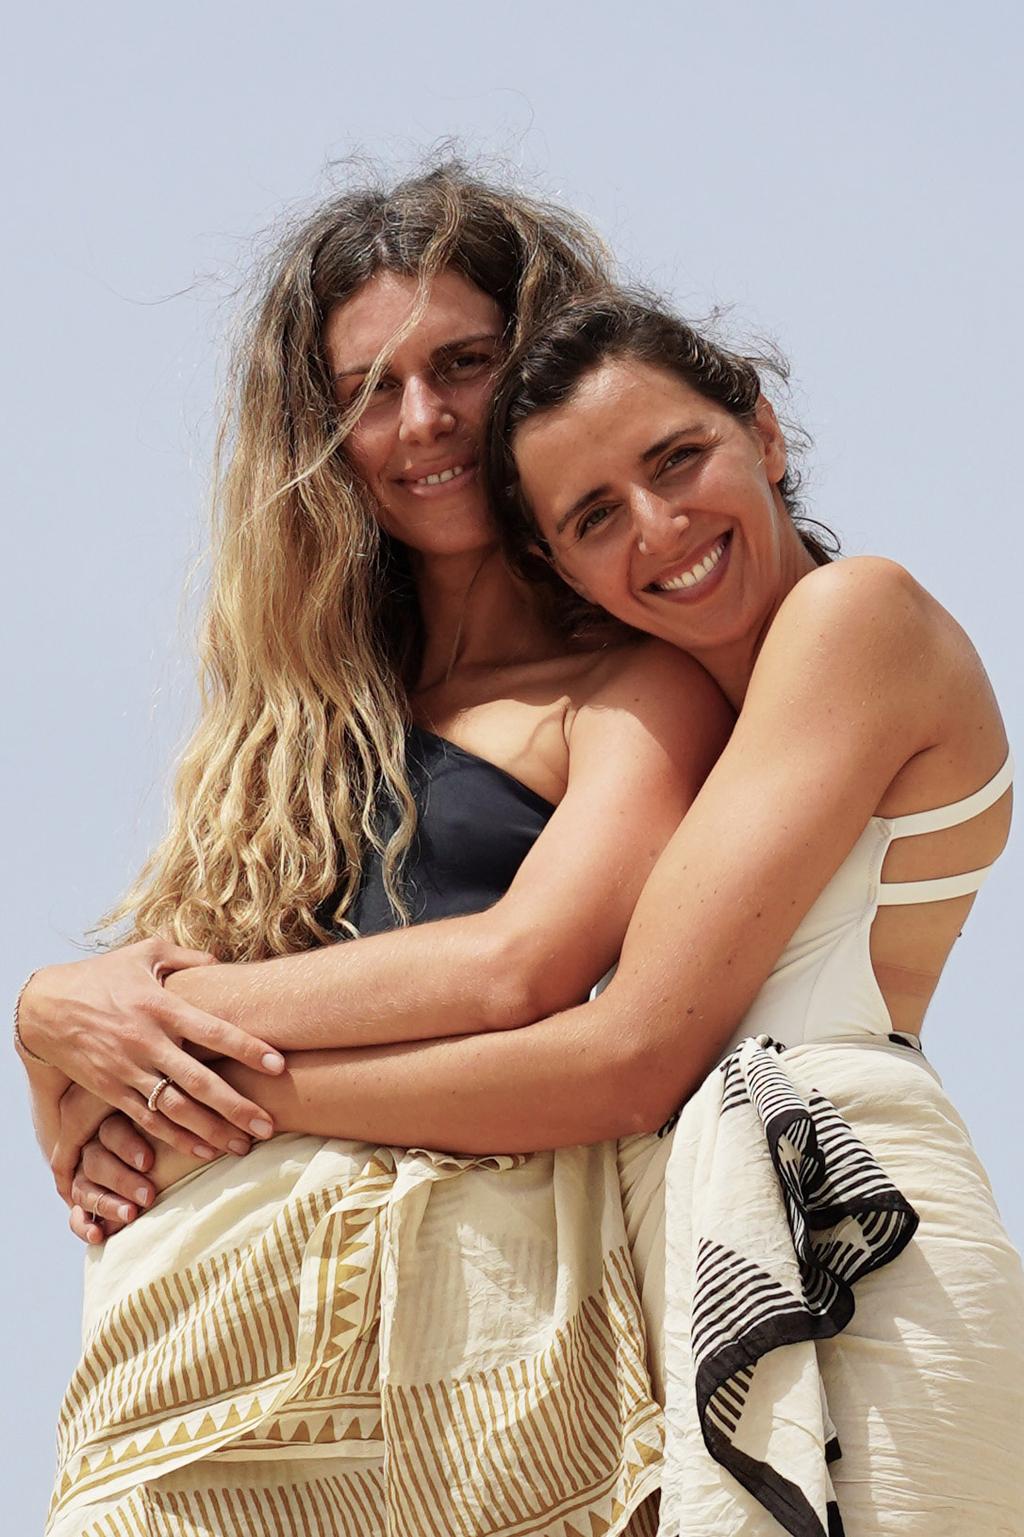 סלומה פקיאל דיין ו סנדרה קדוש זקהיים מותג ה סנדלים של Greek Sandals פנאי